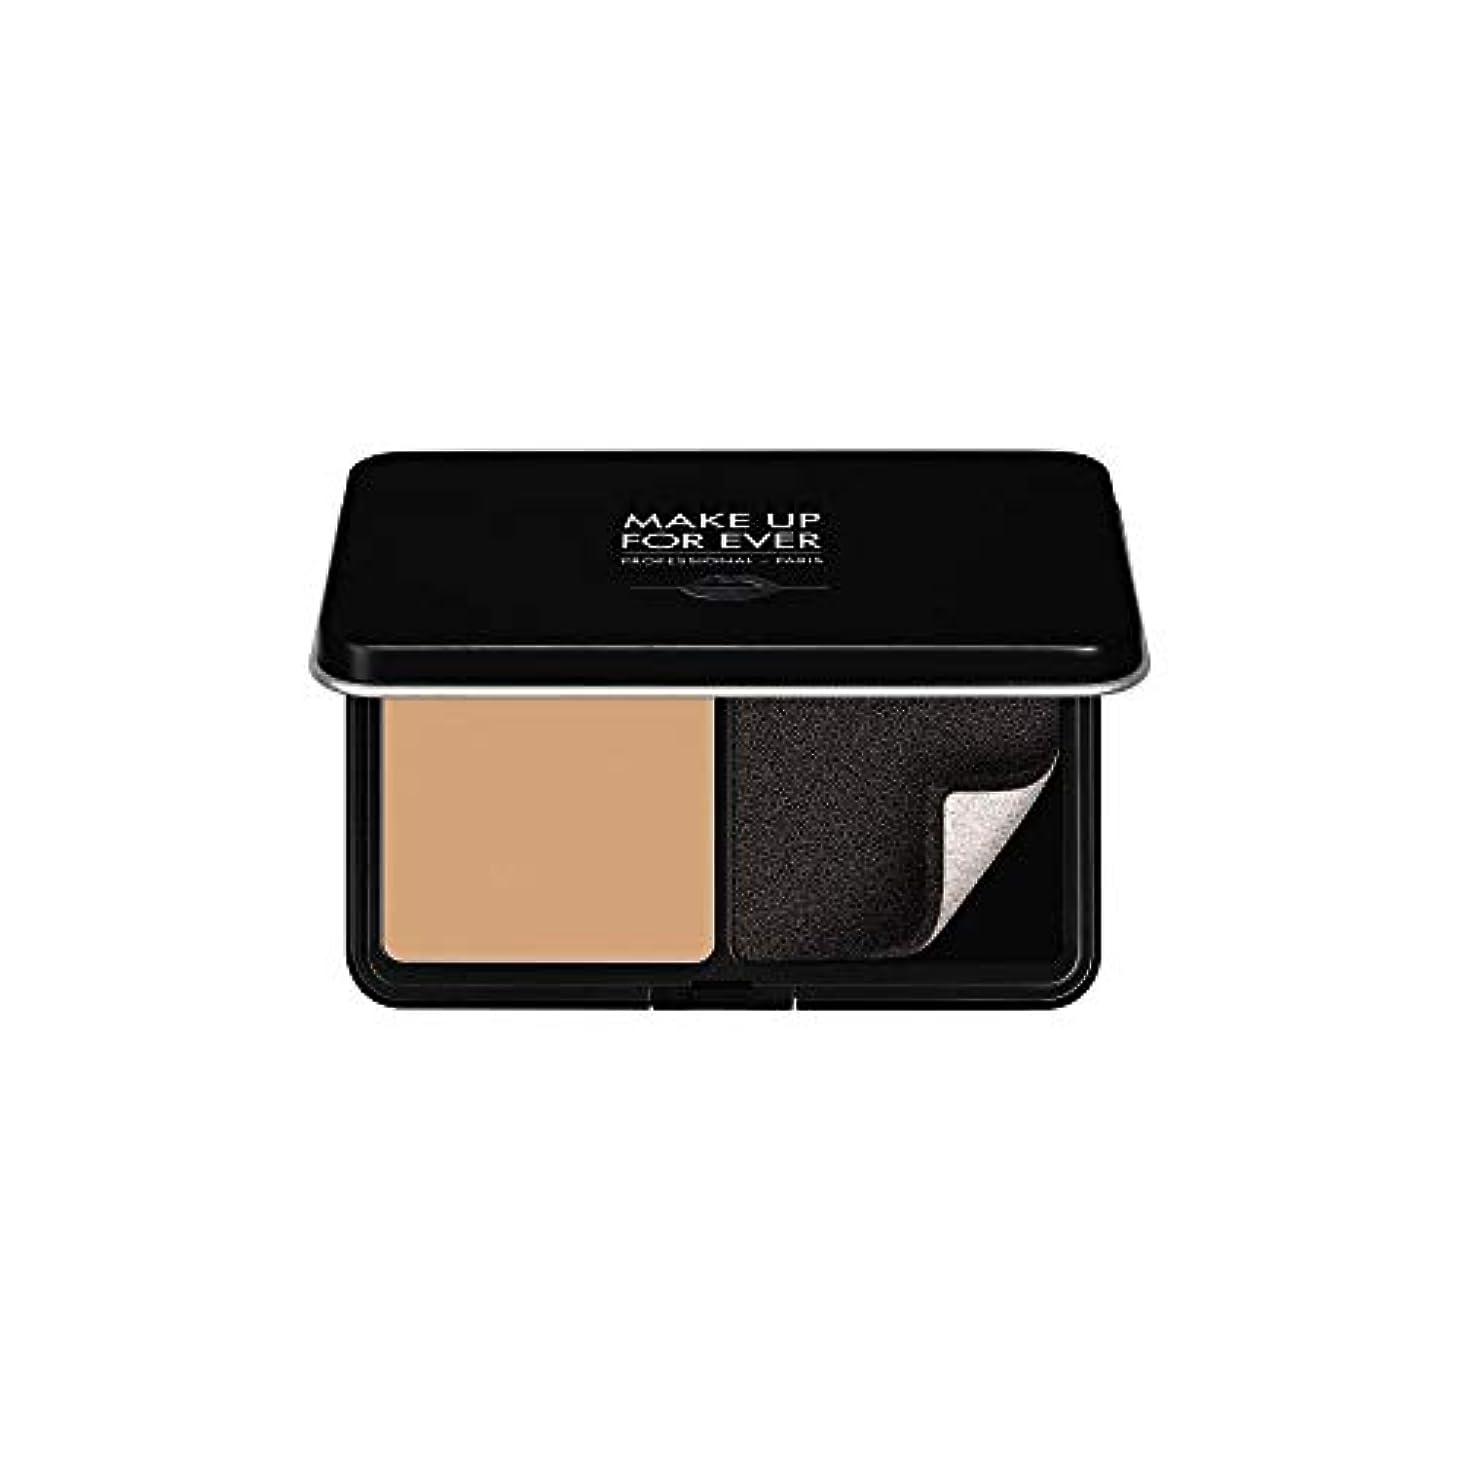 雪パークやろうメイクアップフォーエバー Matte Velvet Skin Blurring Powder Foundation - # R330 (Warm Ivory) 11g/0.38oz並行輸入品